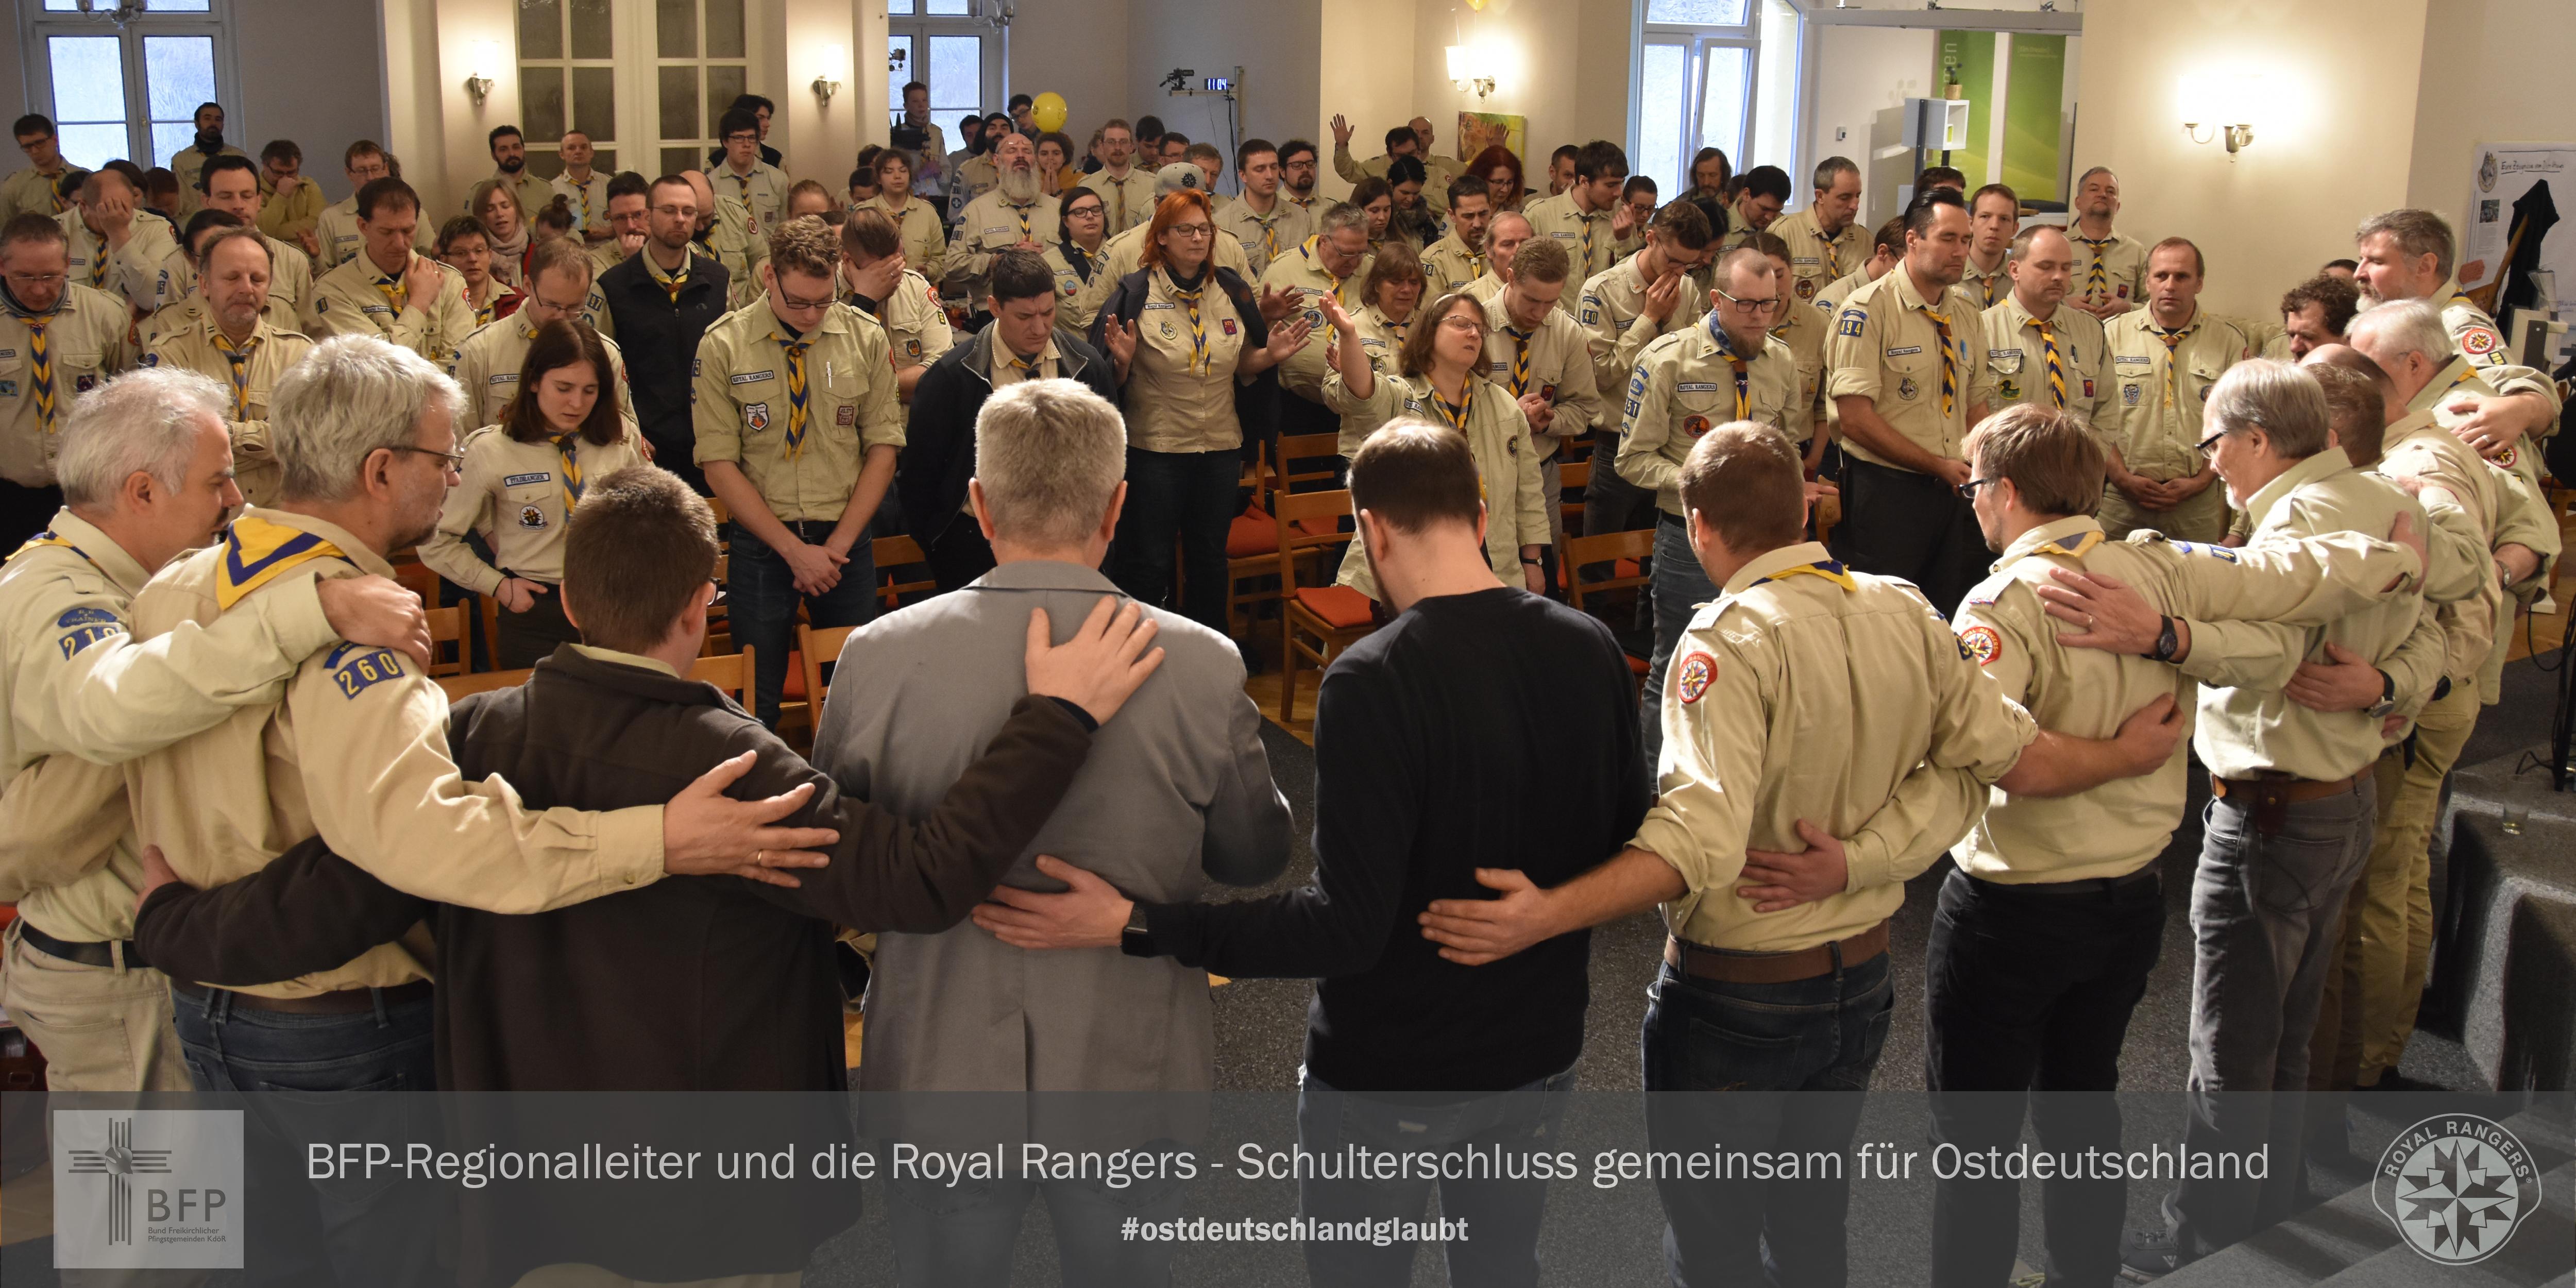 Royal Rangers und BFP: Hand in Hand für Ostdeutschland